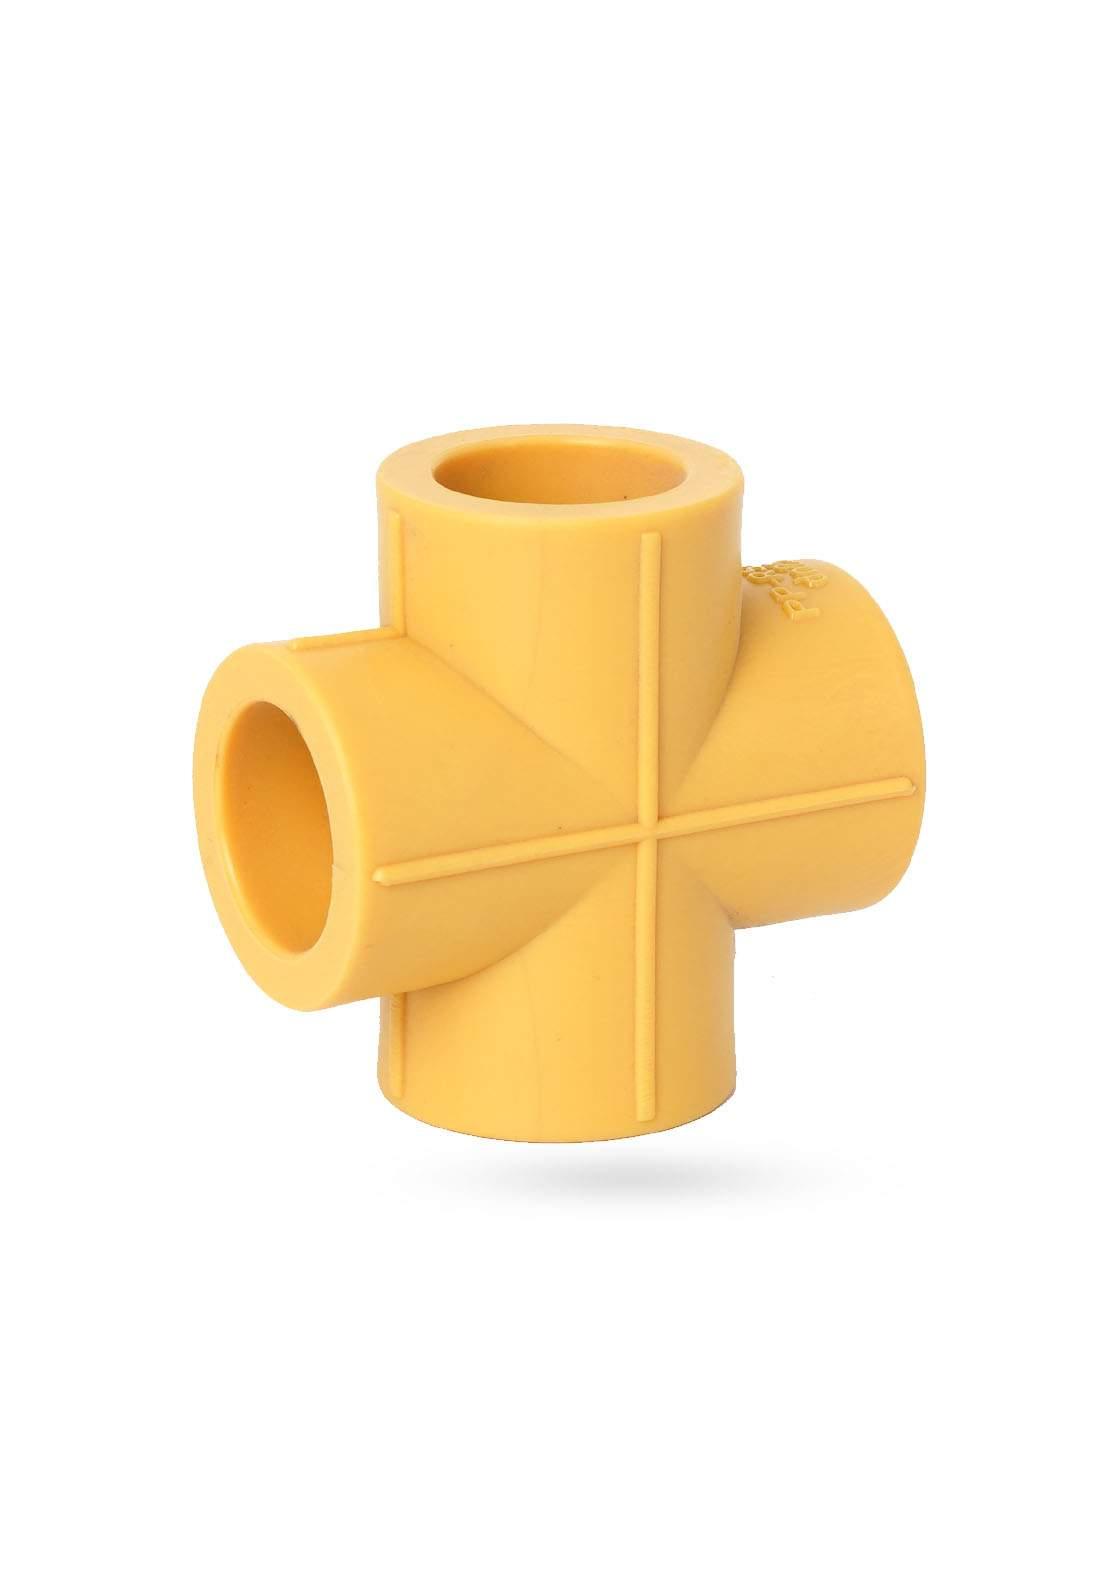 Wekts 5821 Water Dispenser 32 mm تقسيم انابيب المياه